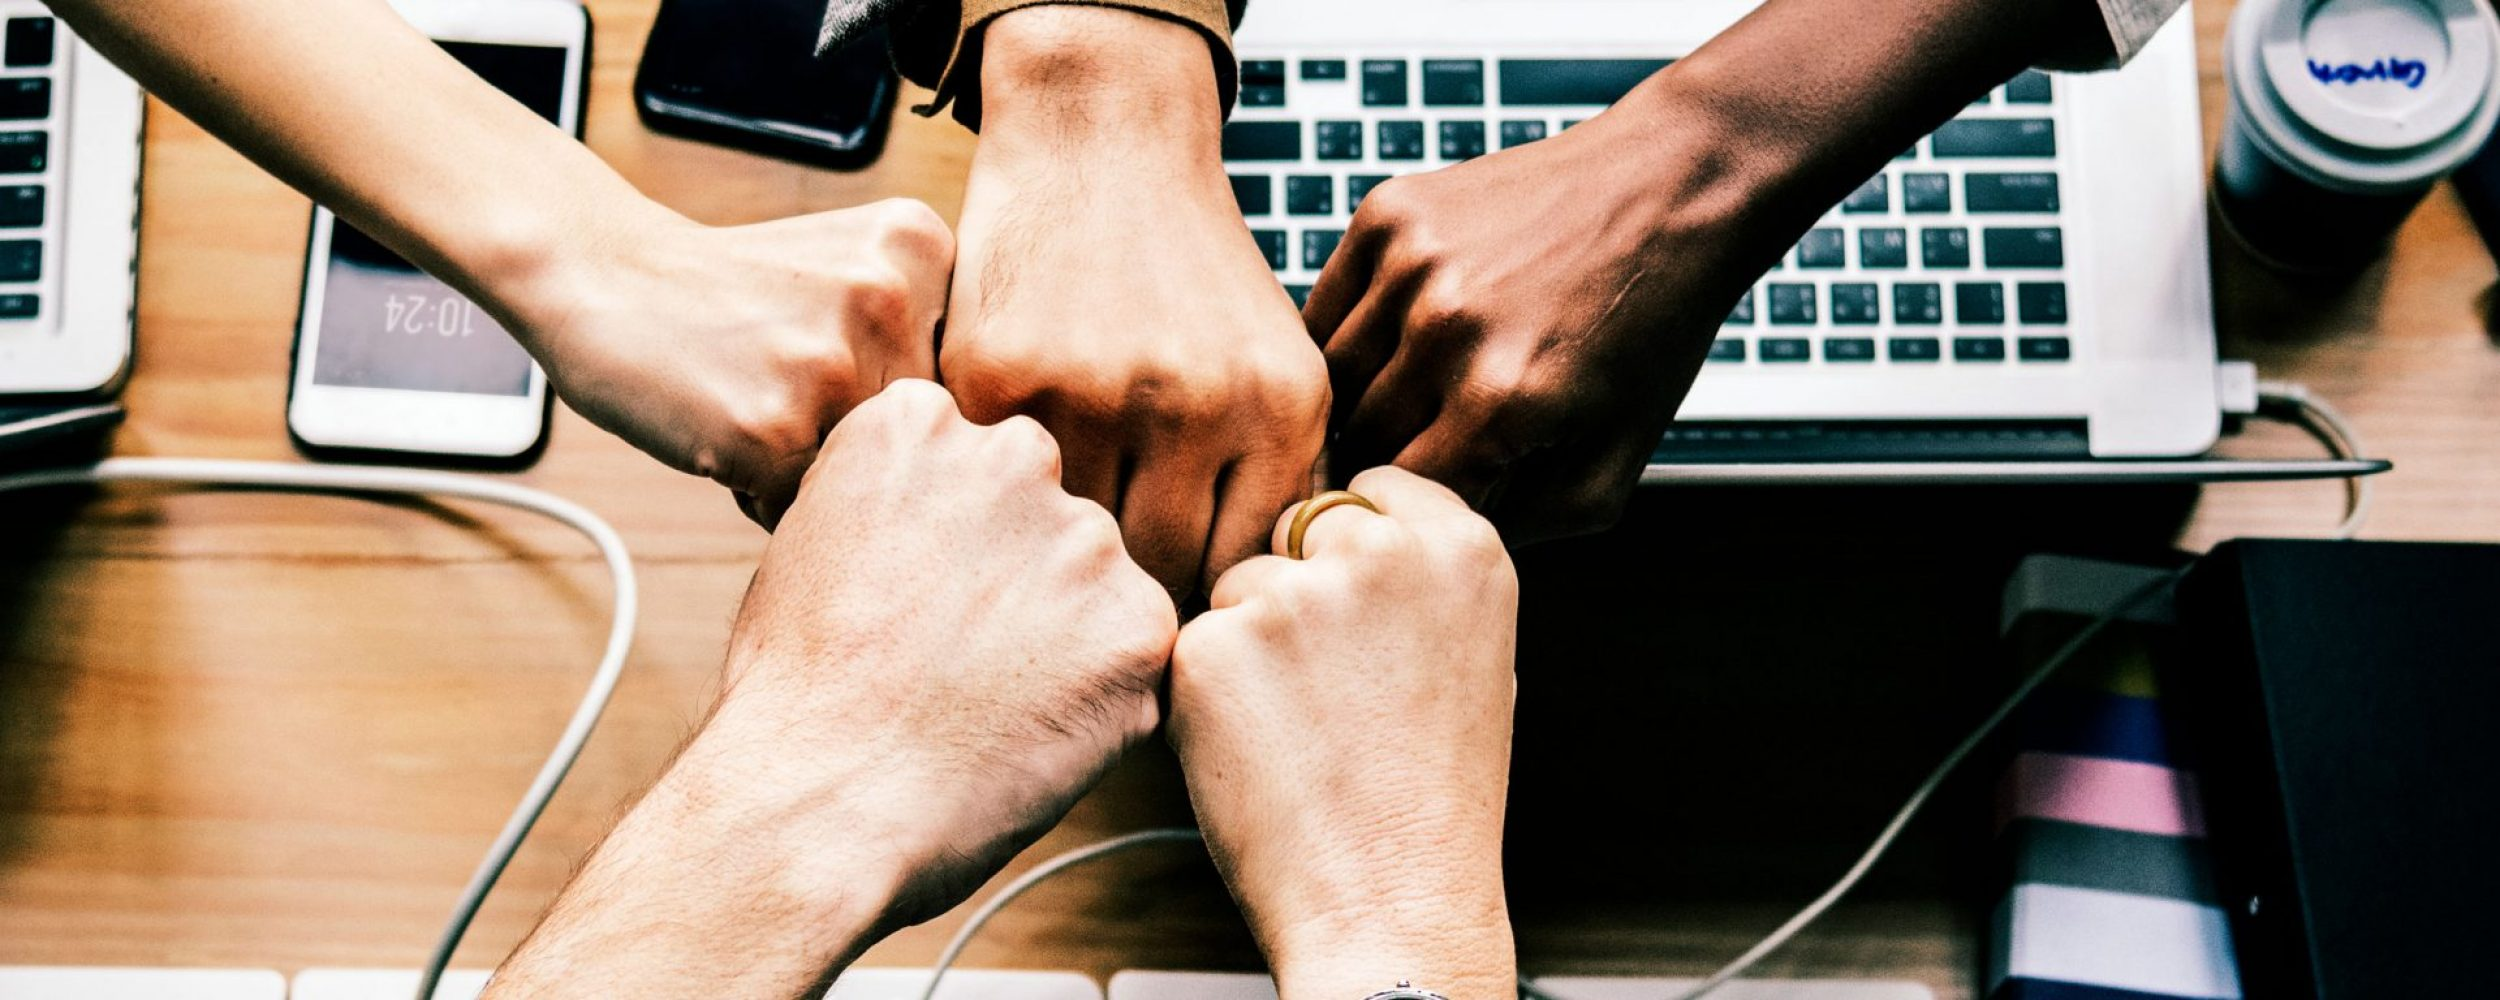 Contabilidad, Negocios, Paginas web, Tecnología